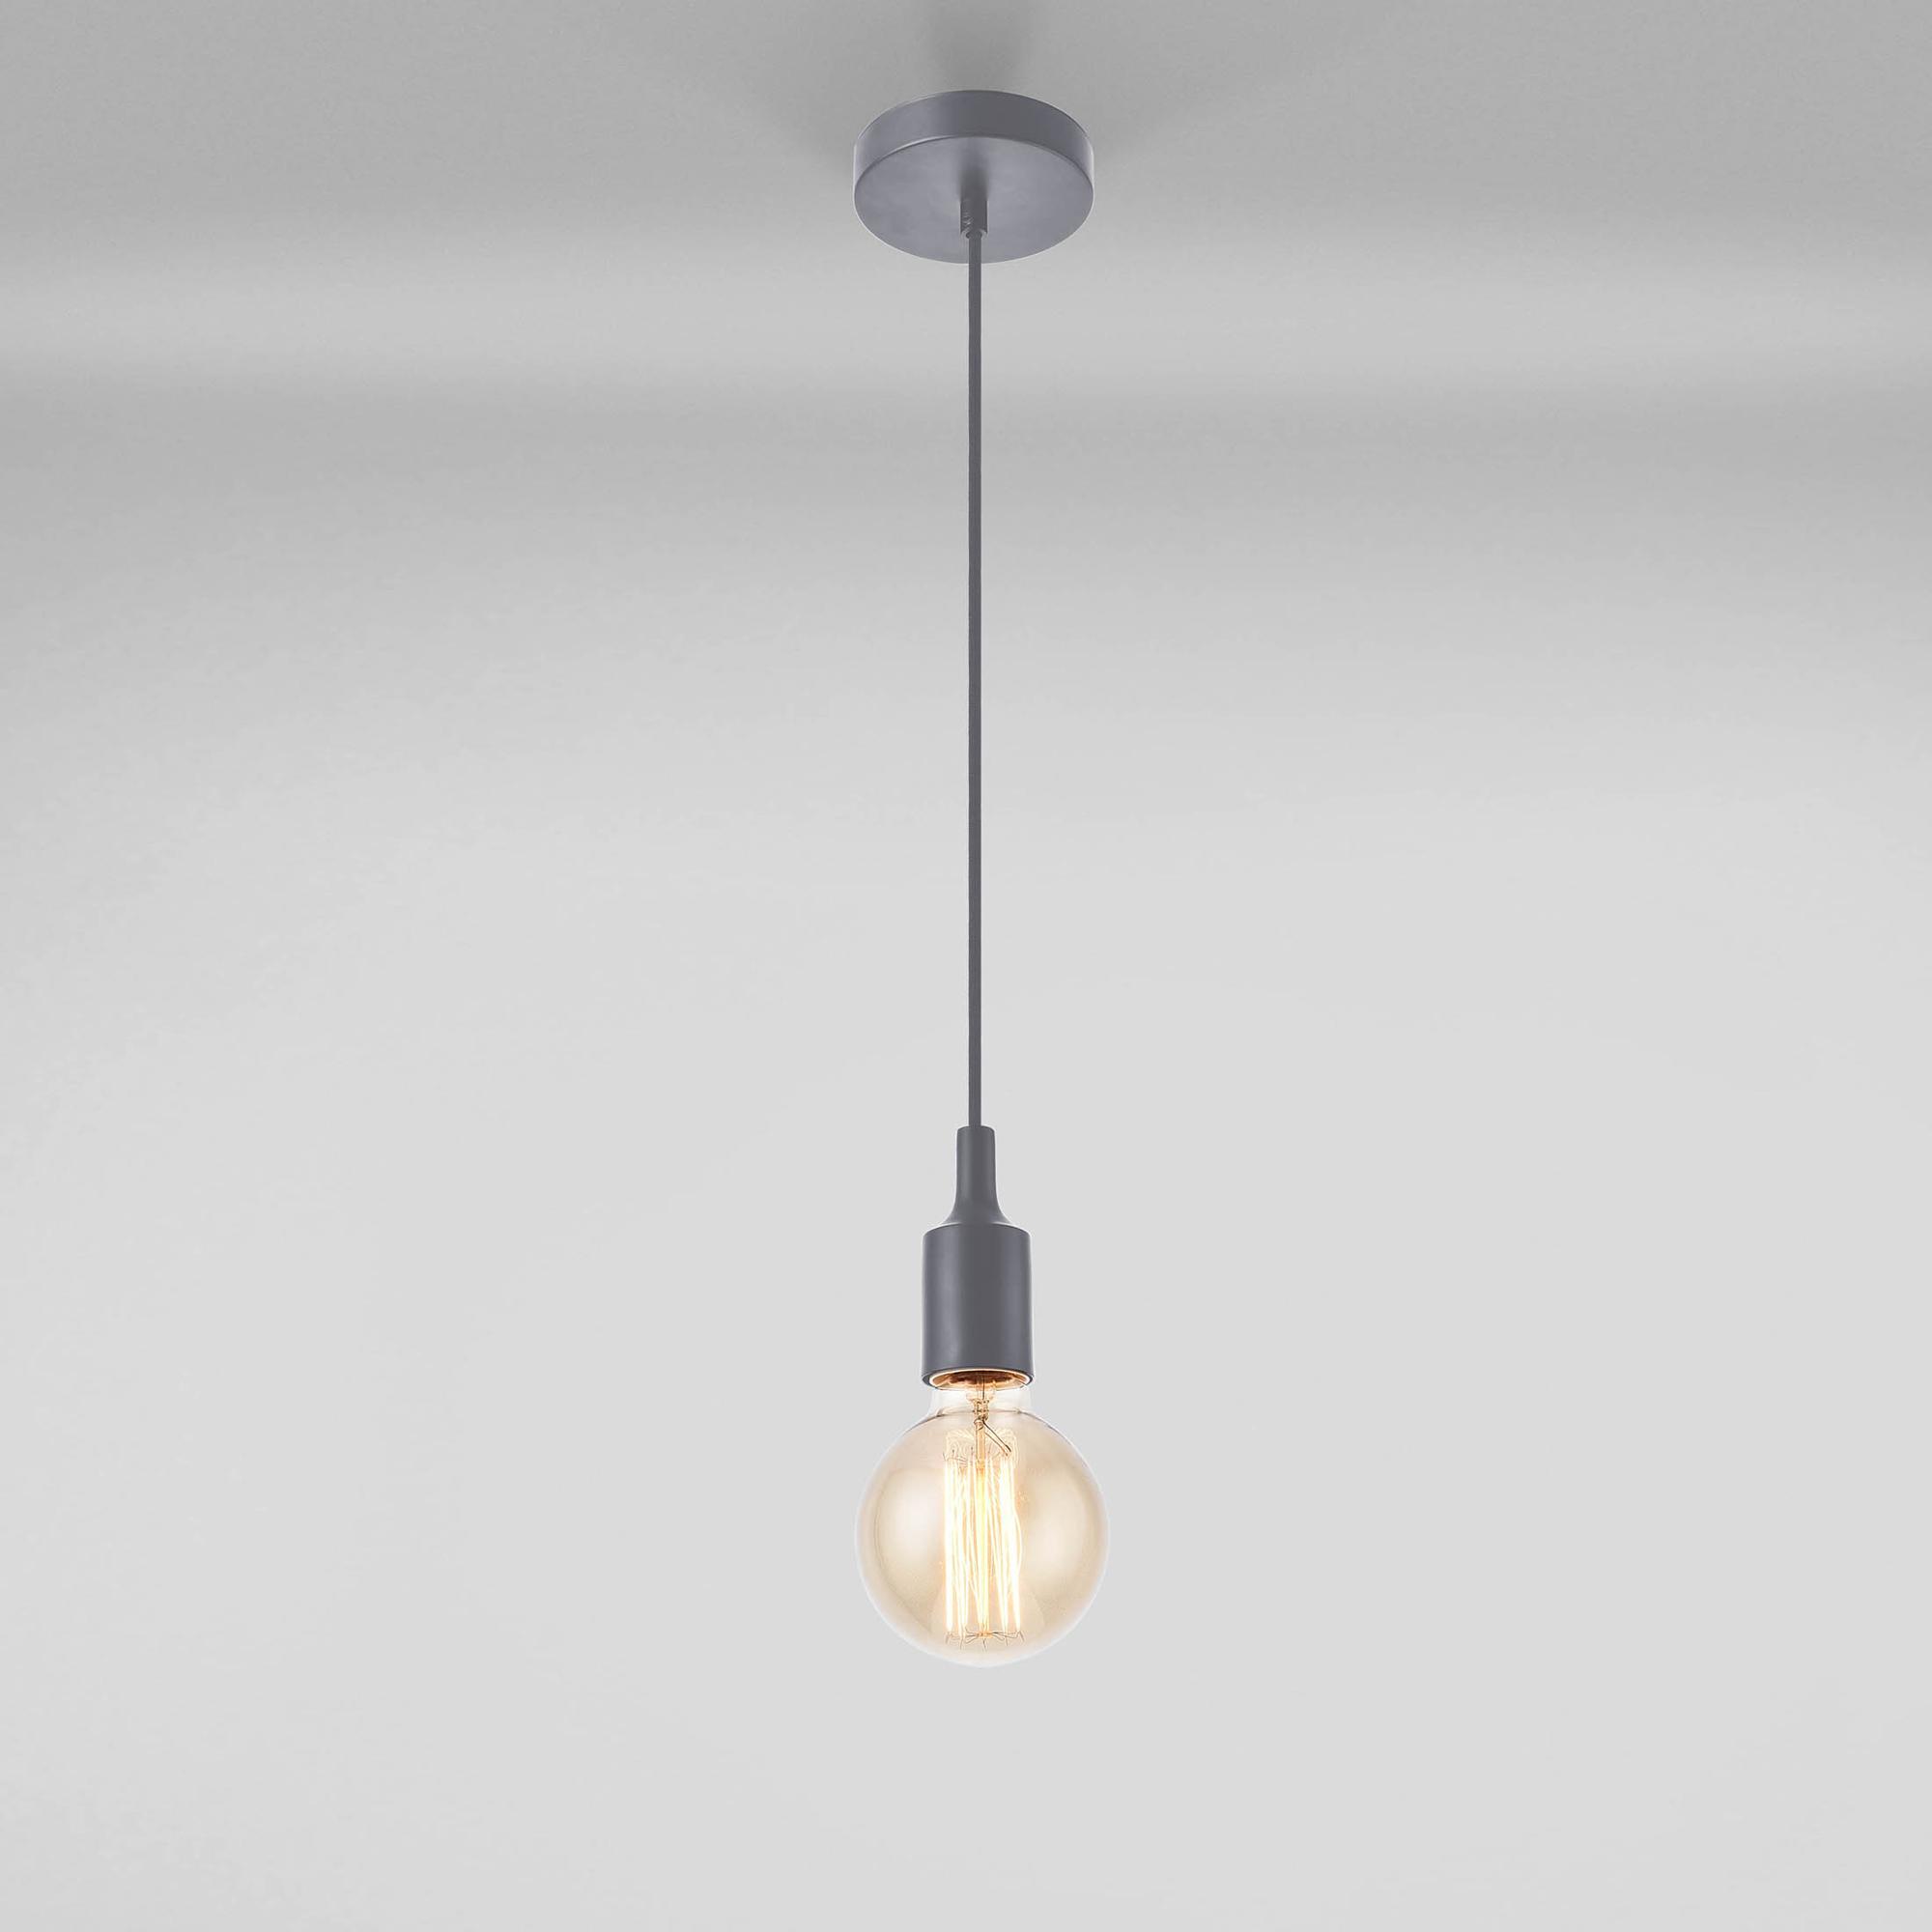 Suspensions douille de lampe plafonnier gris for Suspension luminaire gris